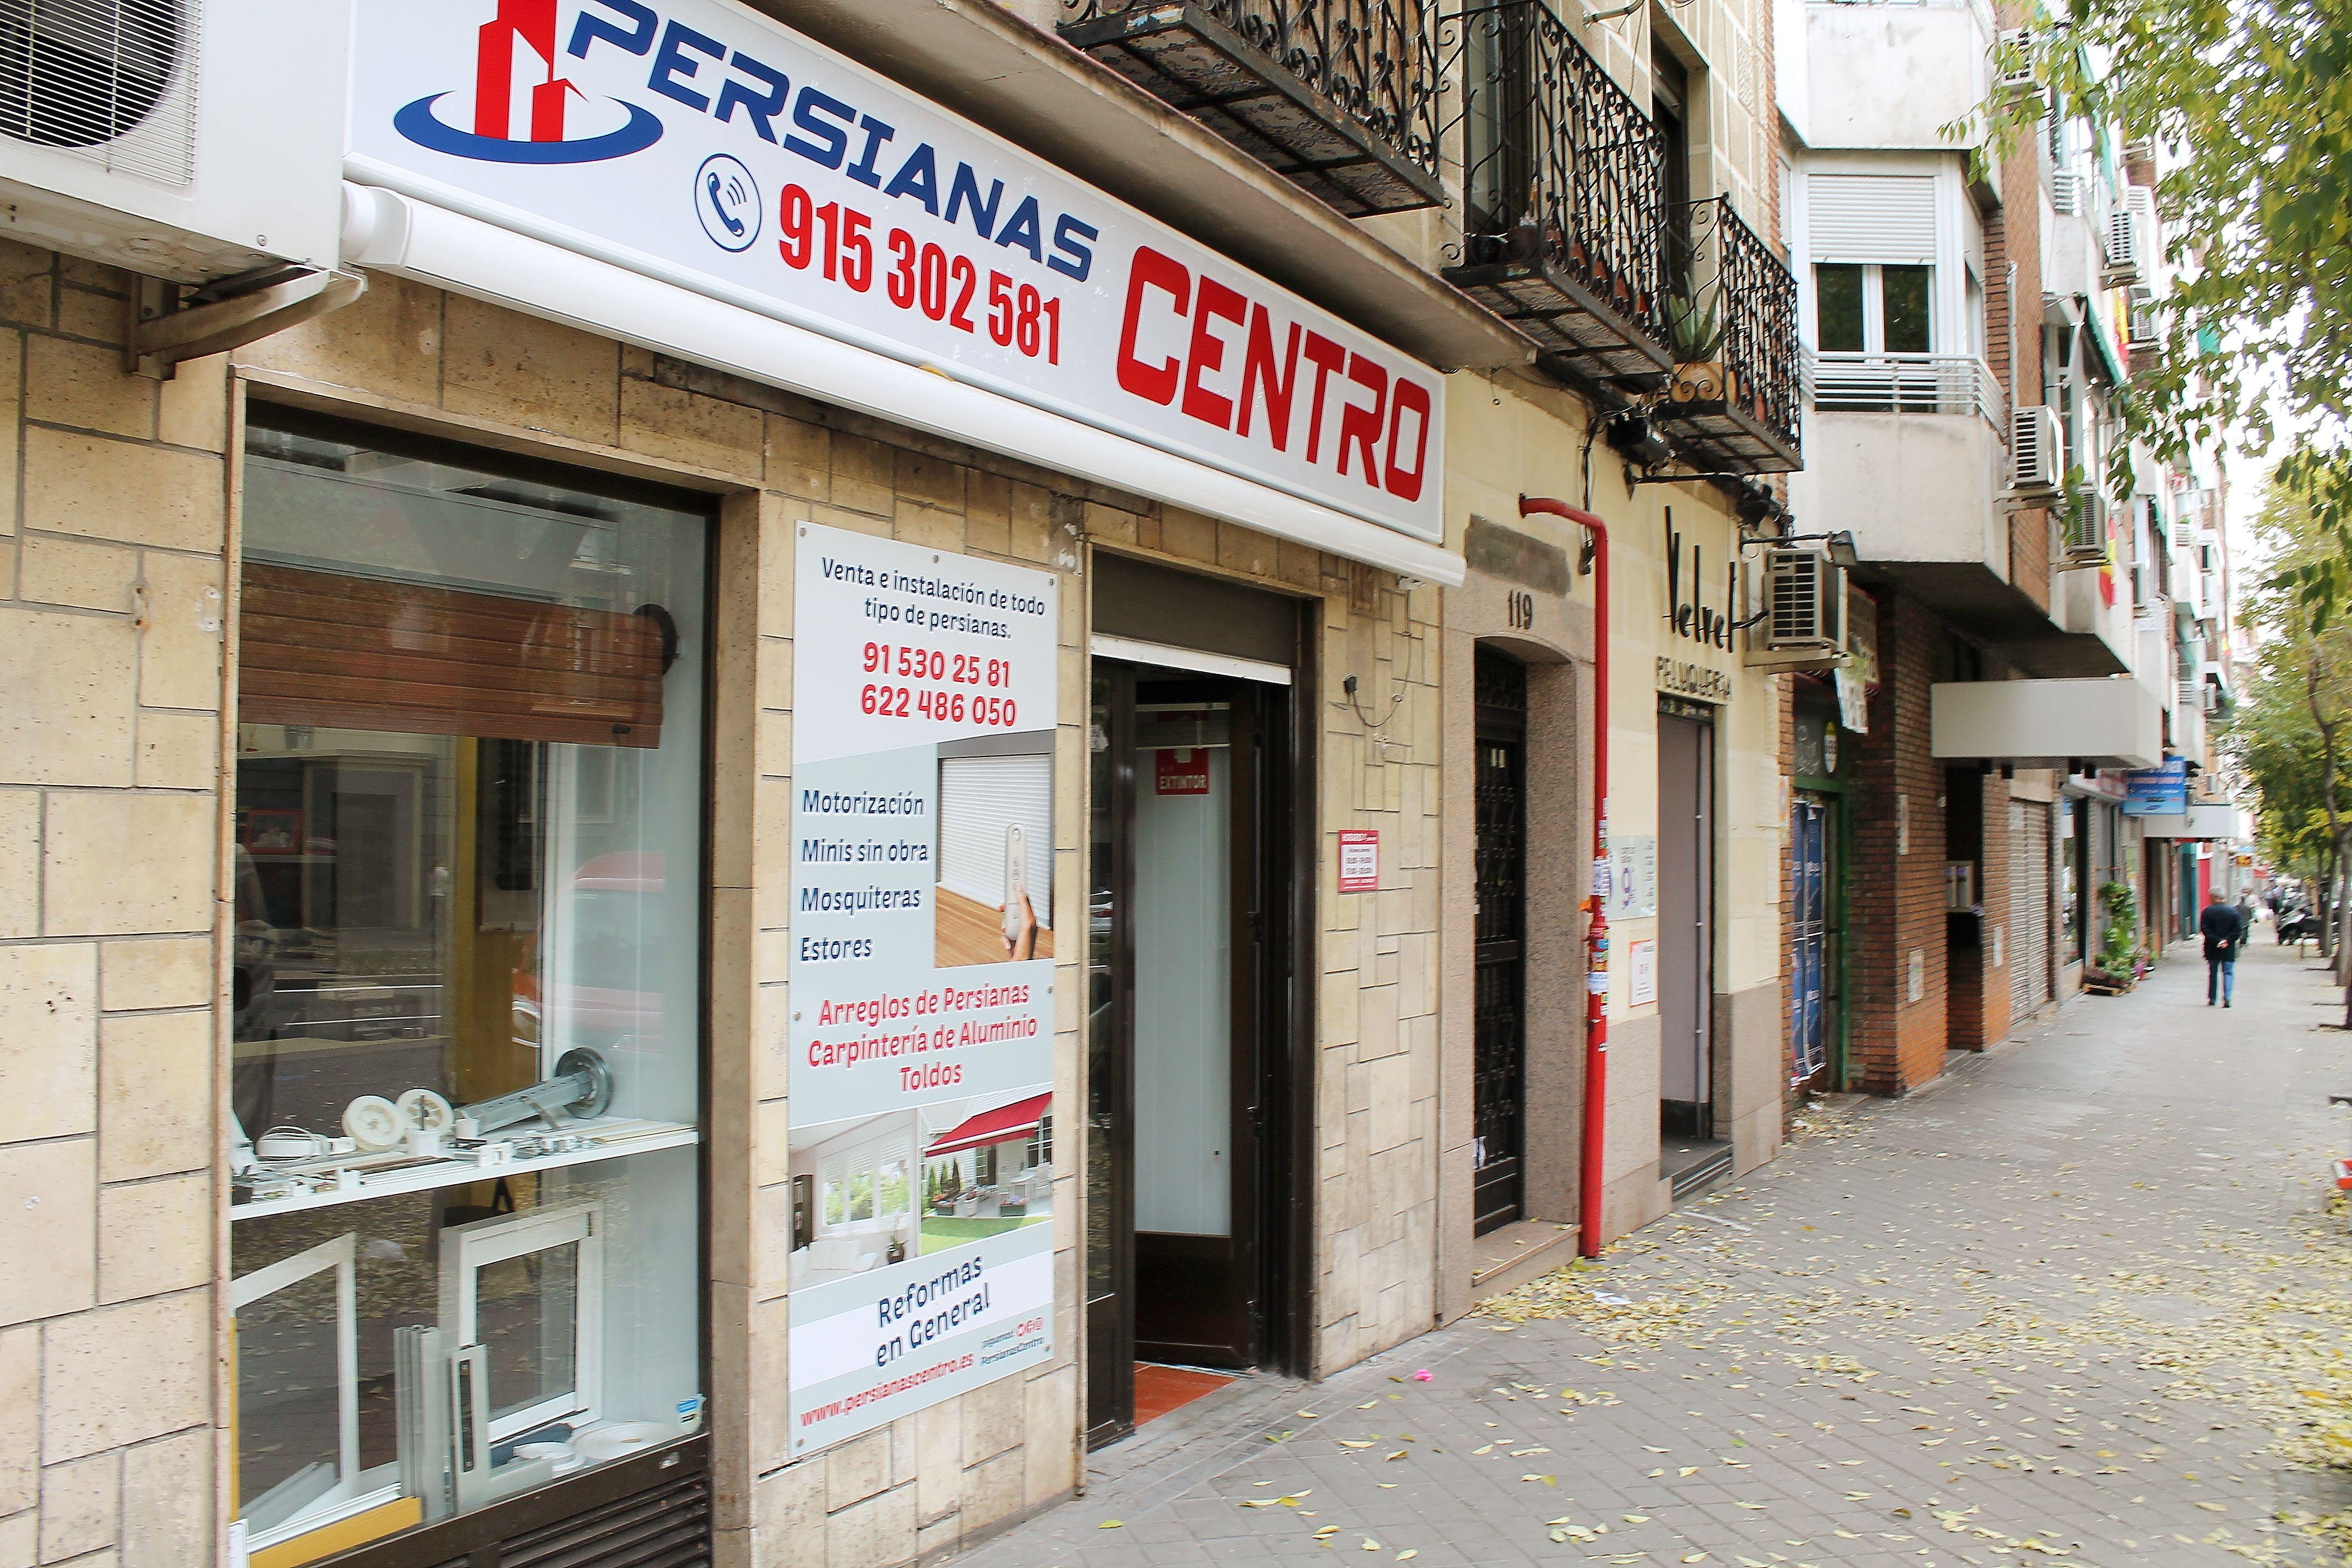 Arreglo de persianas en Embajadores, Madrid